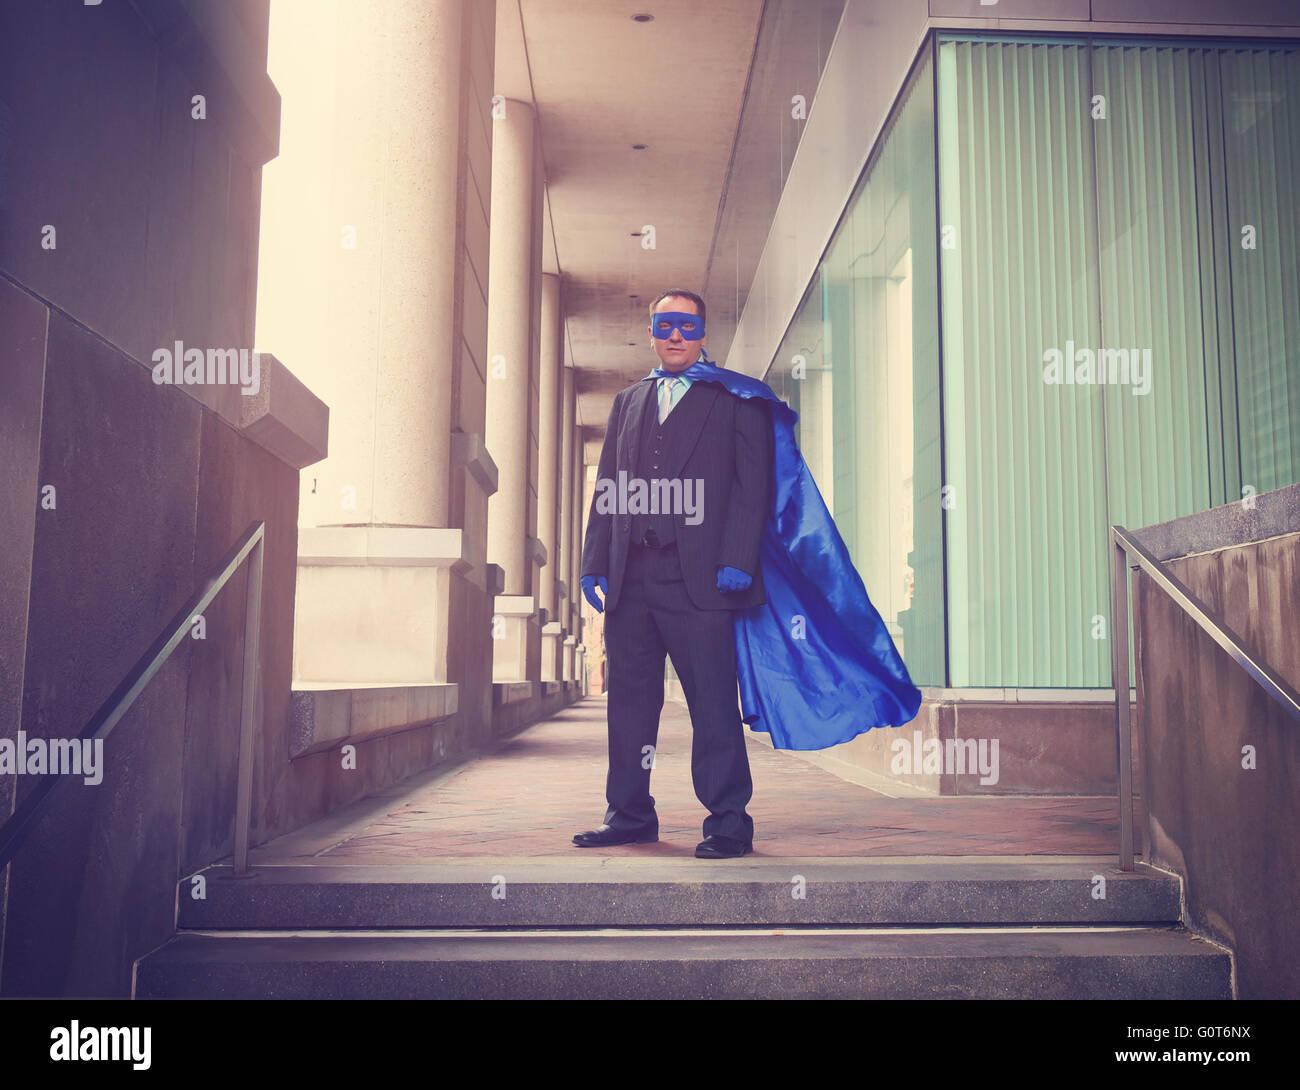 Un homme porte un costume bleu de super héros avec un costume dans une ville pour une réussite professionnelle Photo Stock